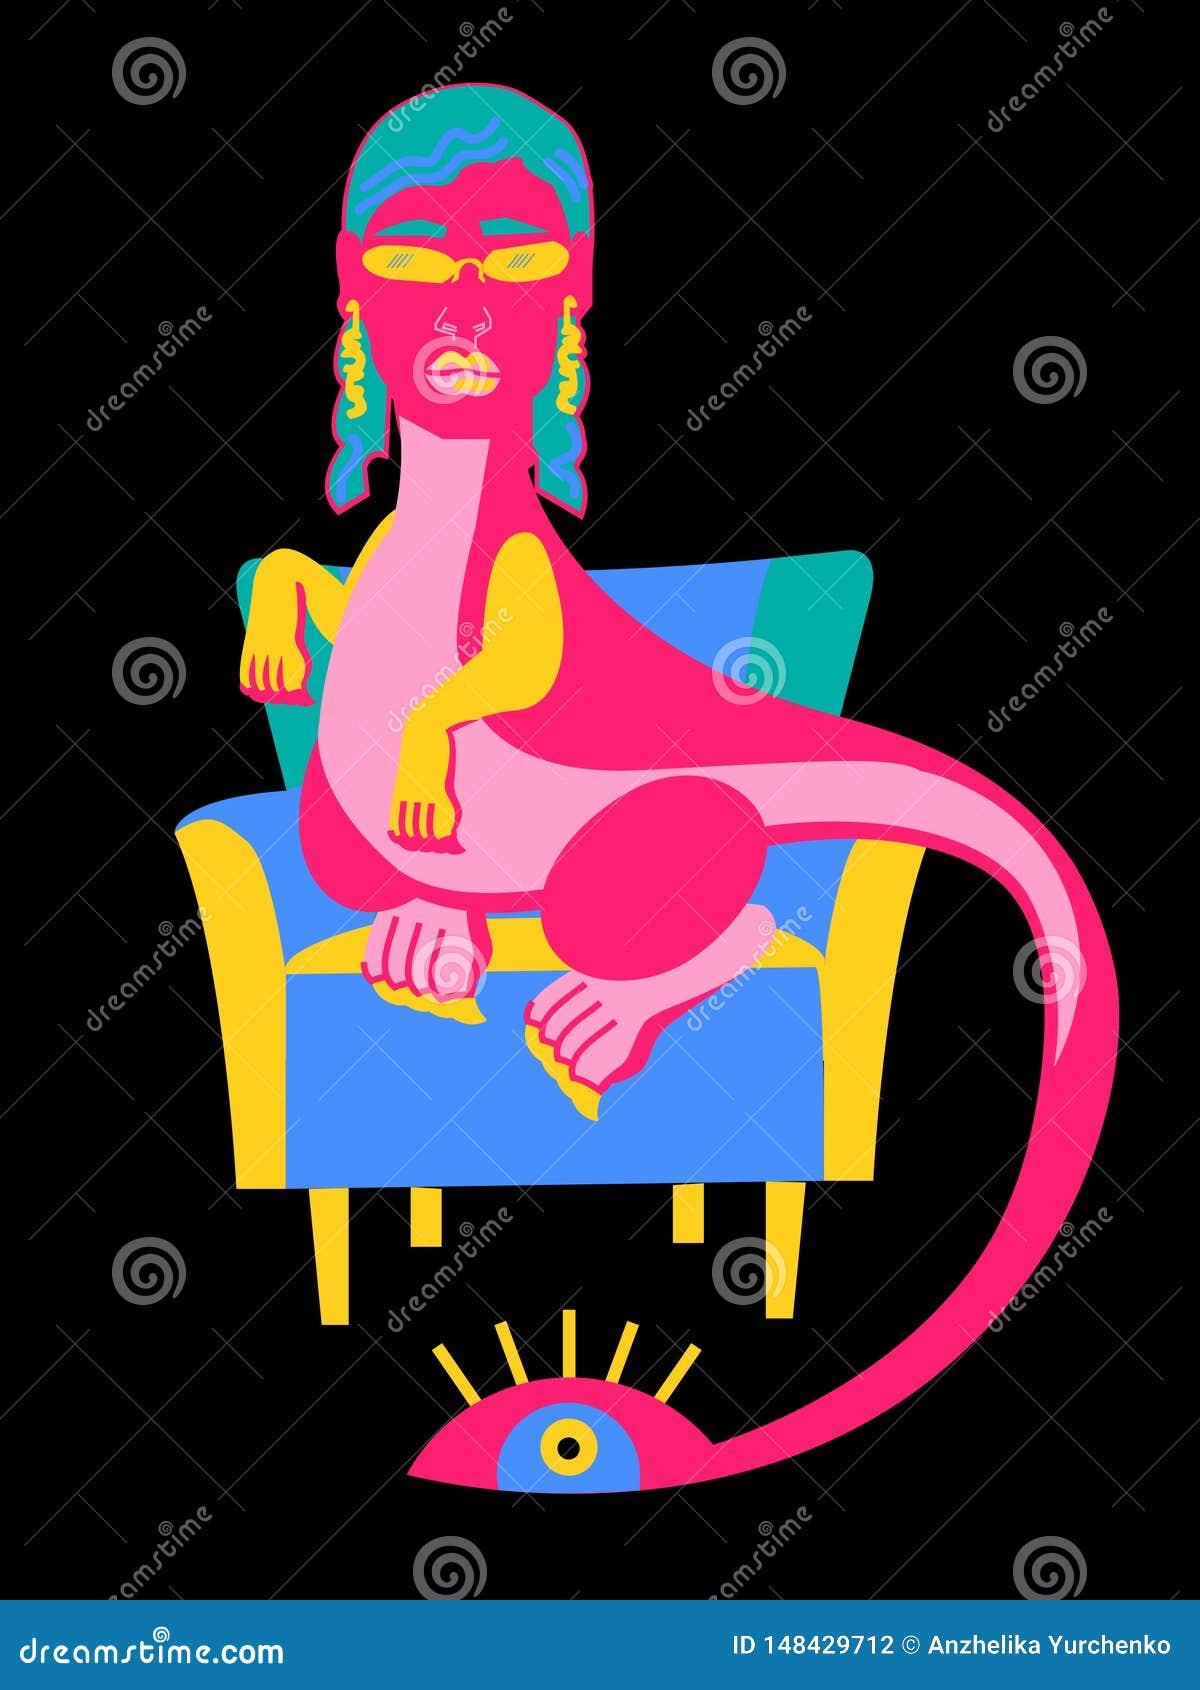 Różowy smok w krześle w krześle